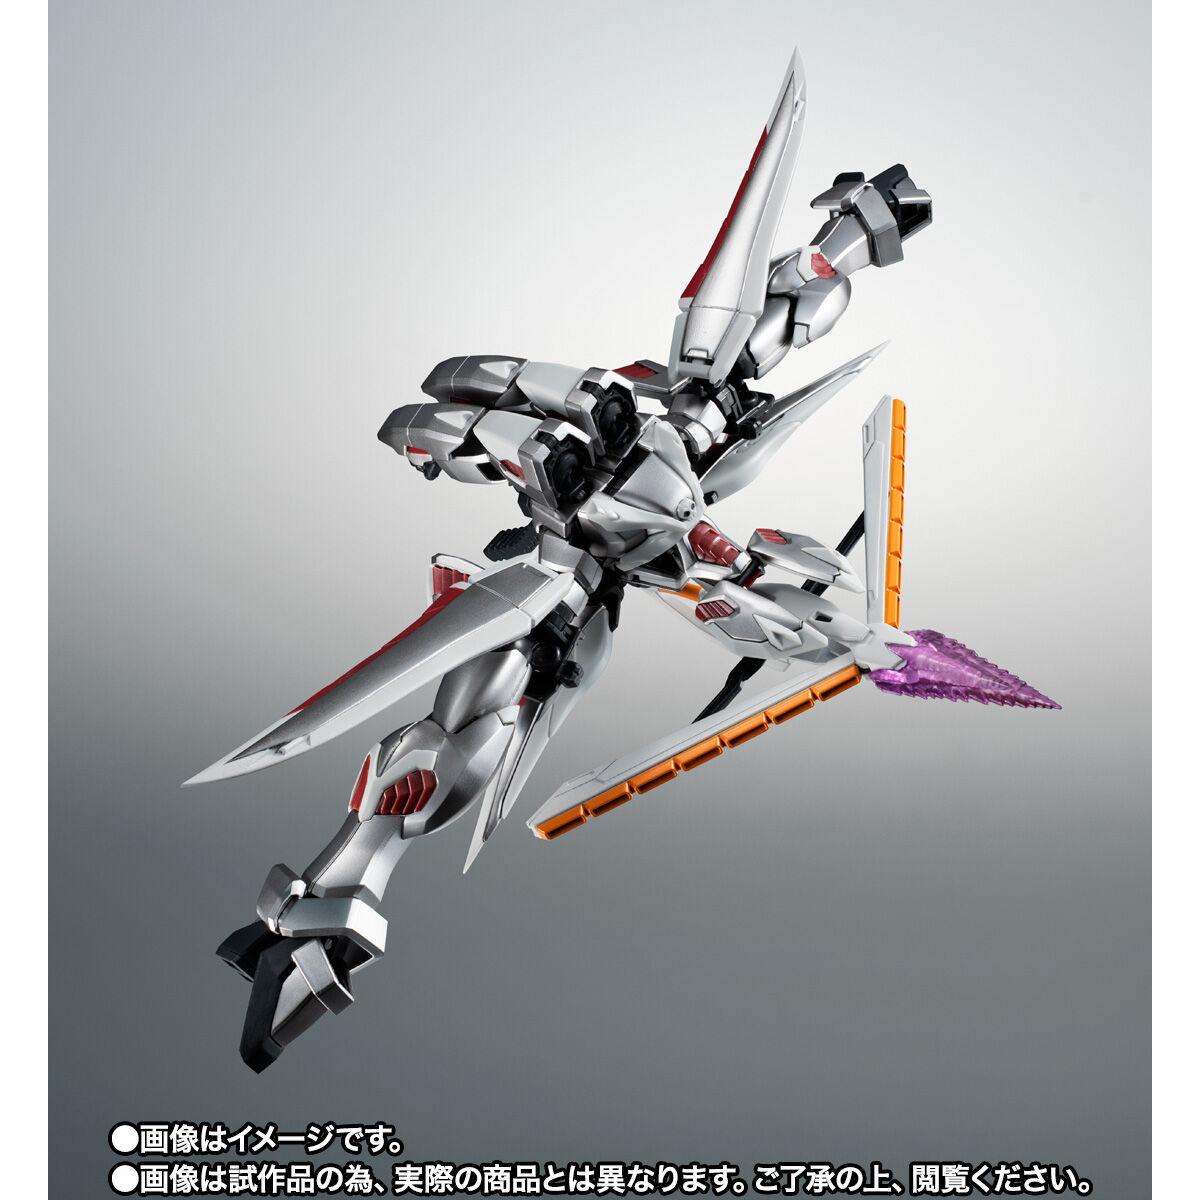 【限定販売】ROBOT魂〈SIDE MS〉『ゴーストガンダム』クロスボーン・ガンダム 可動フィギュア-009